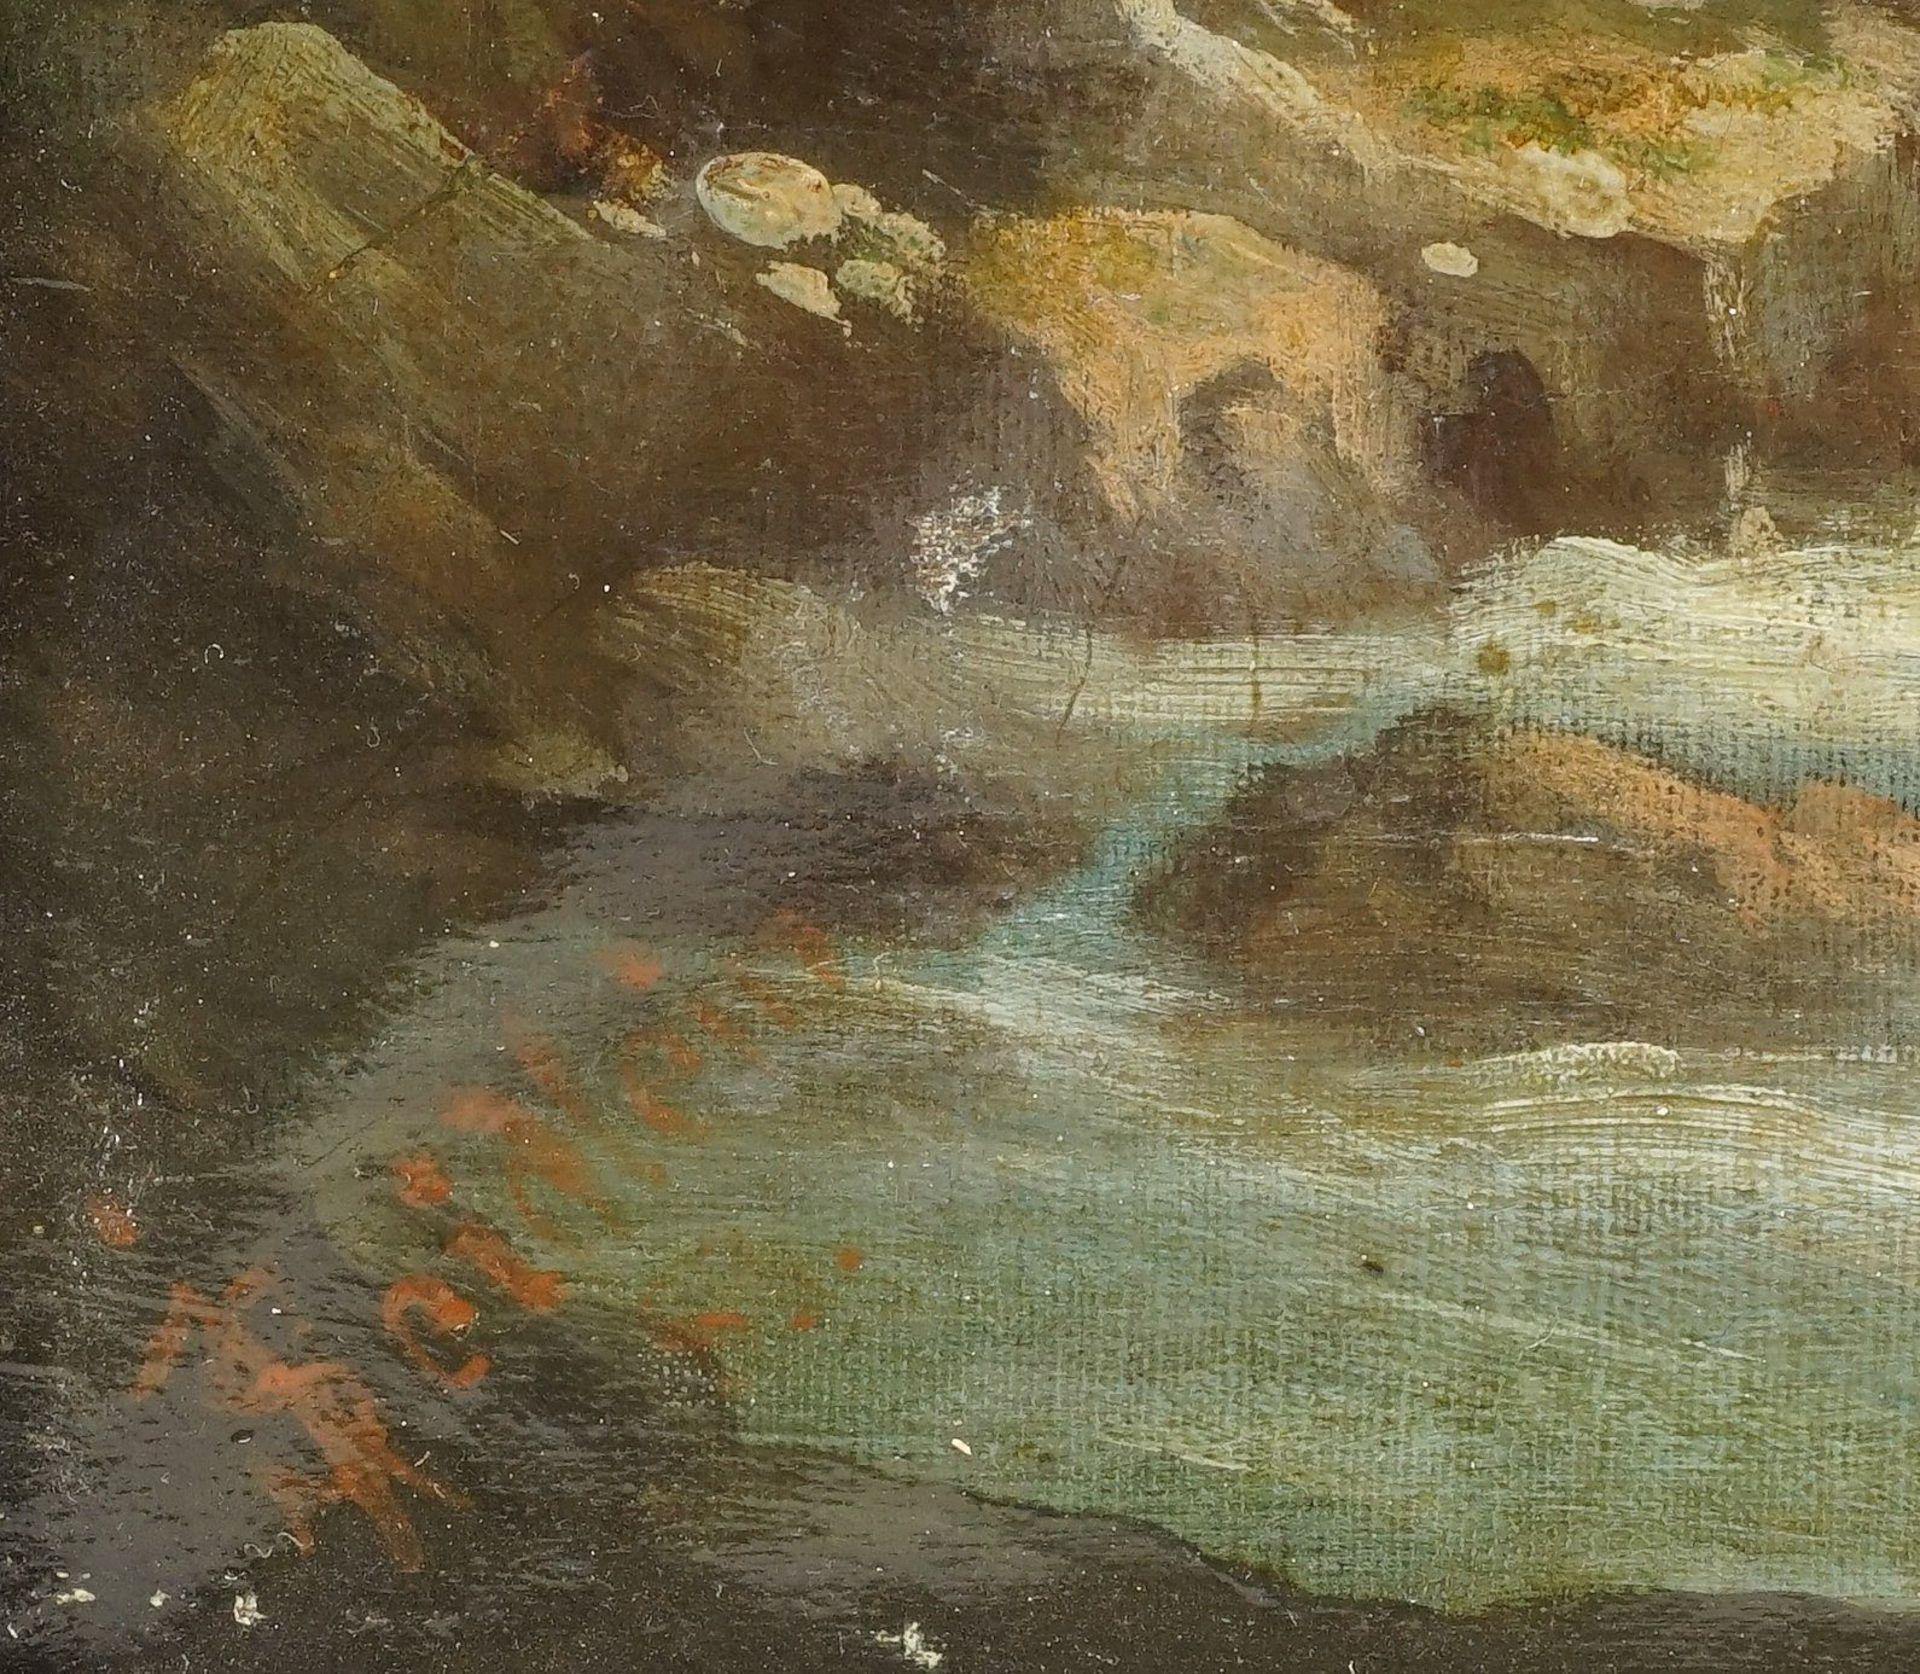 J. Seidlein, Alpenbach in den Dolomiten - Bild 4 aus 4